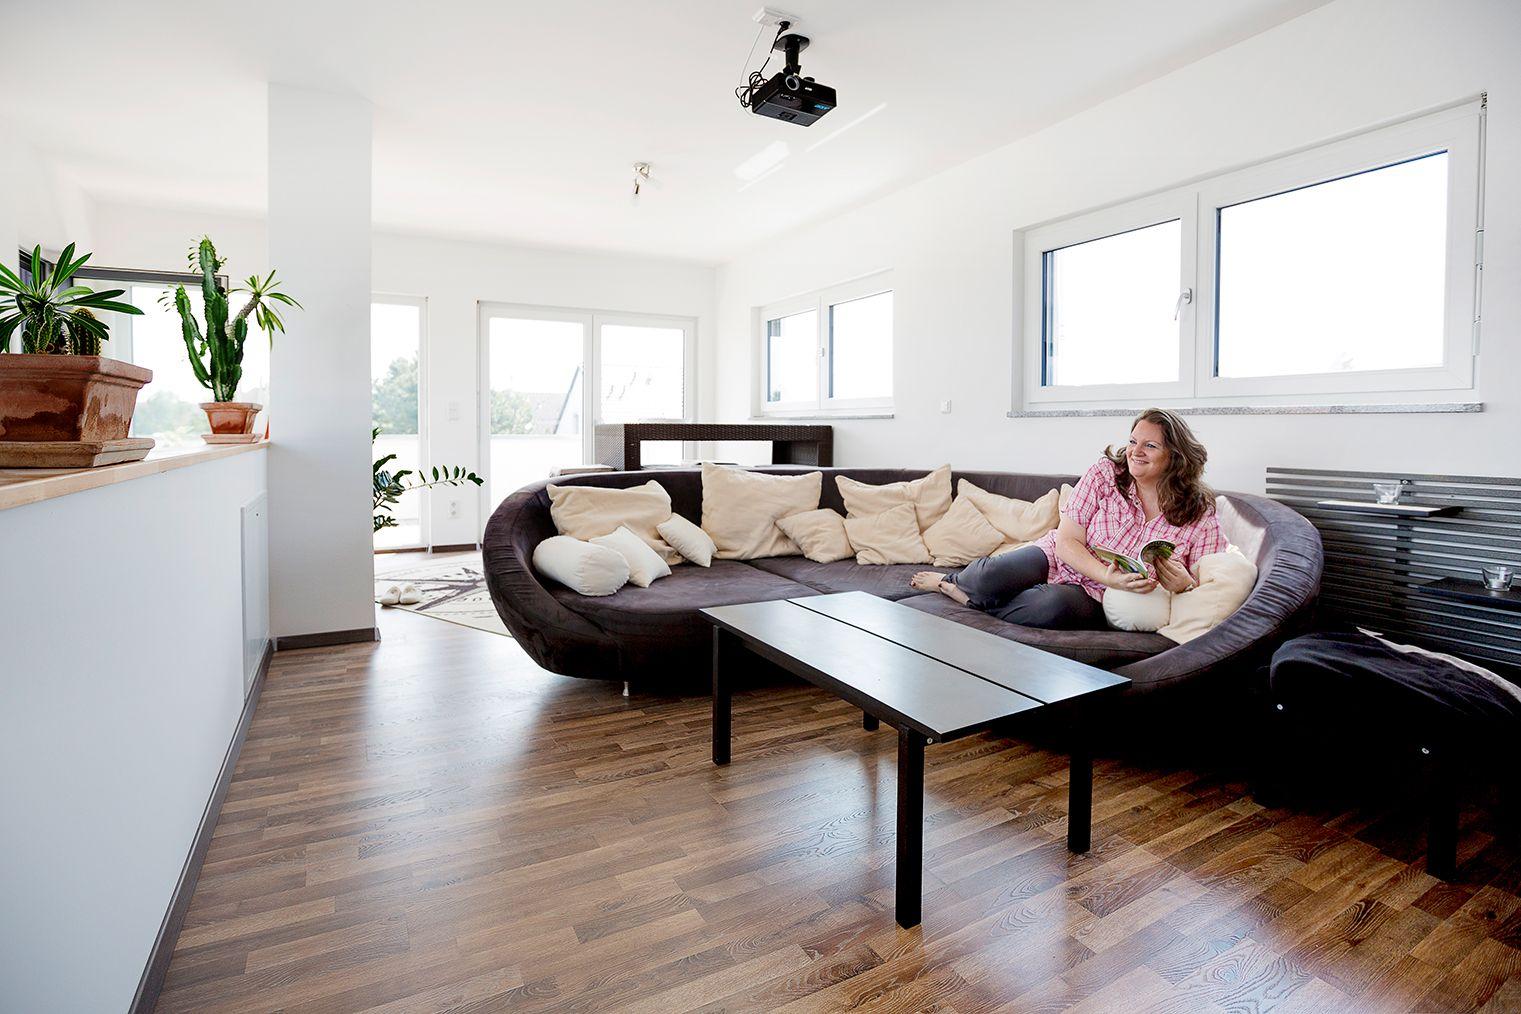 Haus Orchis FischerHaus Fertighaus Wohnzimmer #Wohnzimmer #Sofa ...